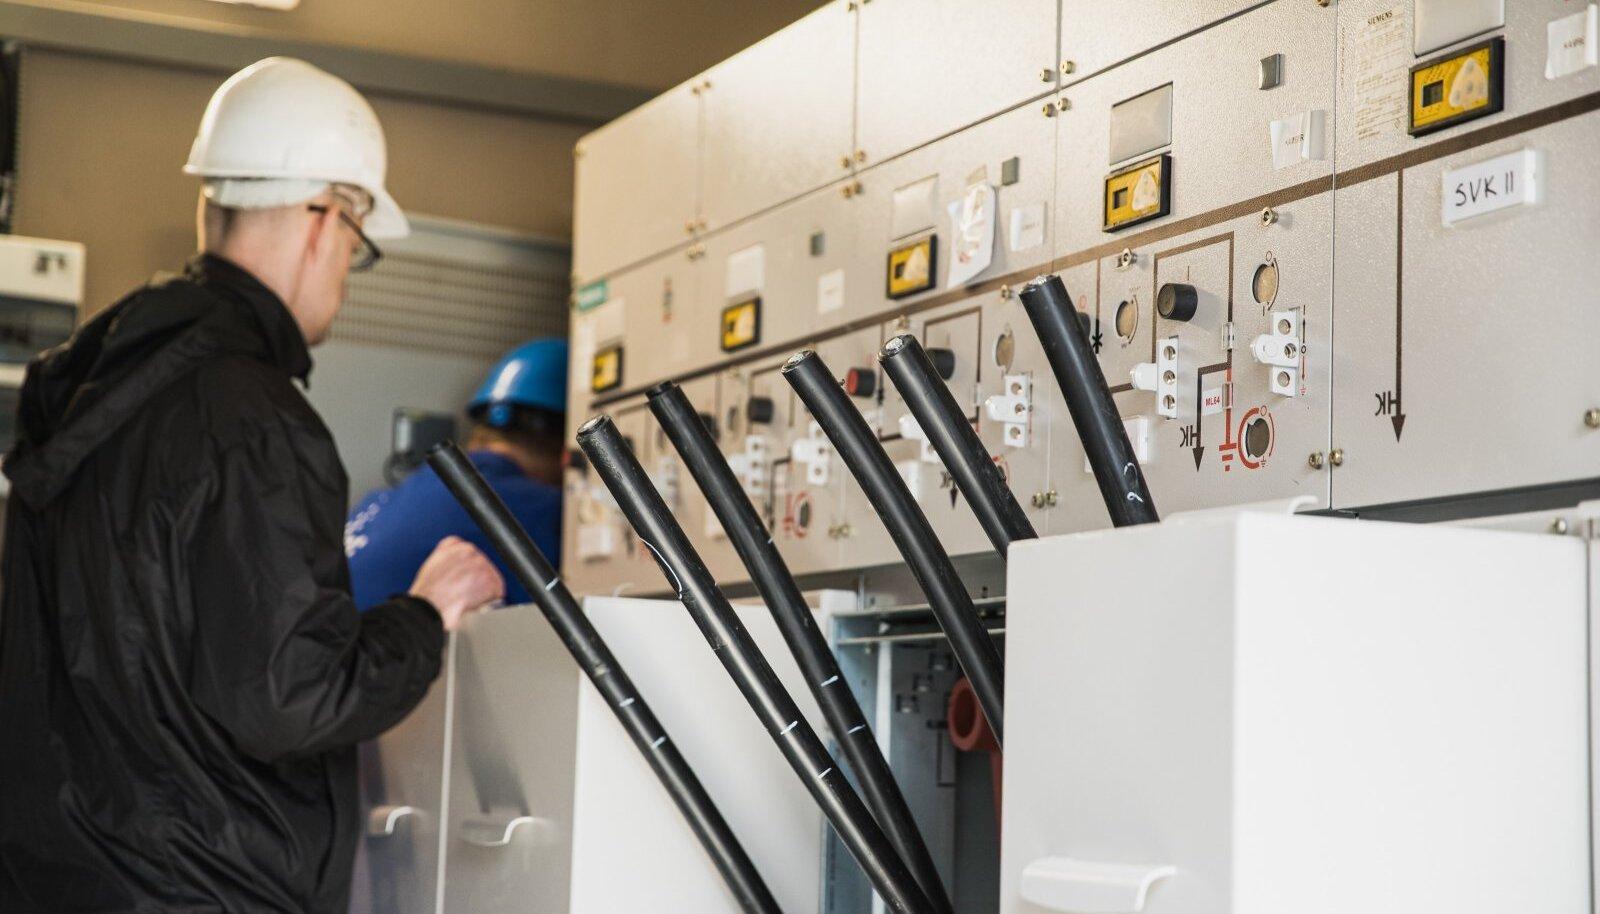 Väga suures hulgas lülitites kasutatakse elegaasi isolatsioonivahendina, mis on 23 500 korda suurema kliimat soojendava efektiga kui CO2.